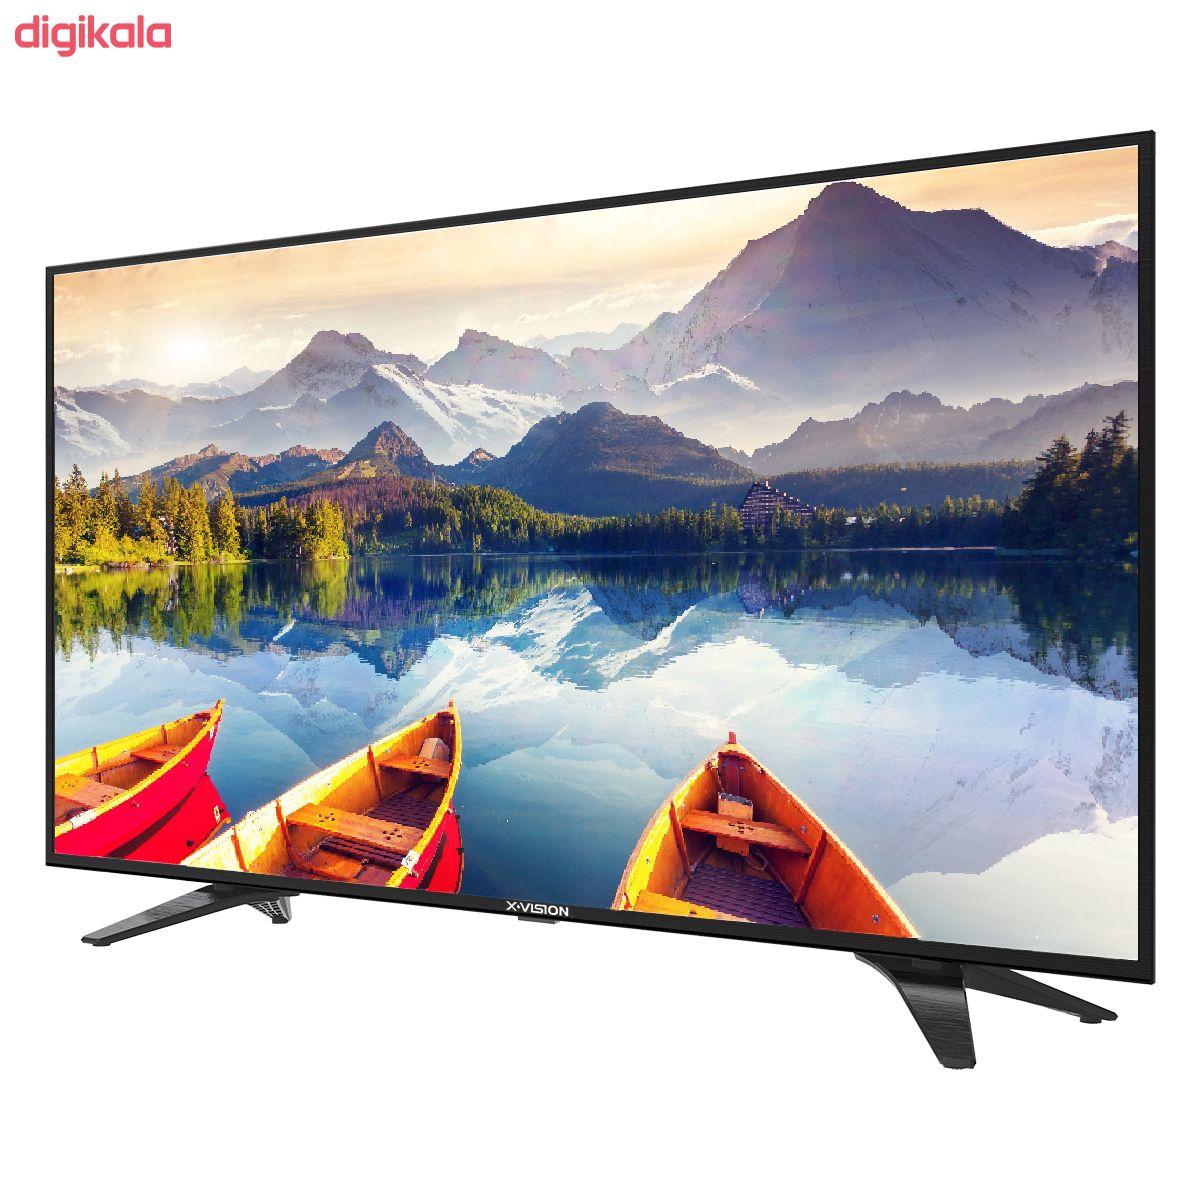 تلویزیون ال ای دی ایکس ویژن مدل 55XT540 سایز 55 اینچ main 1 6